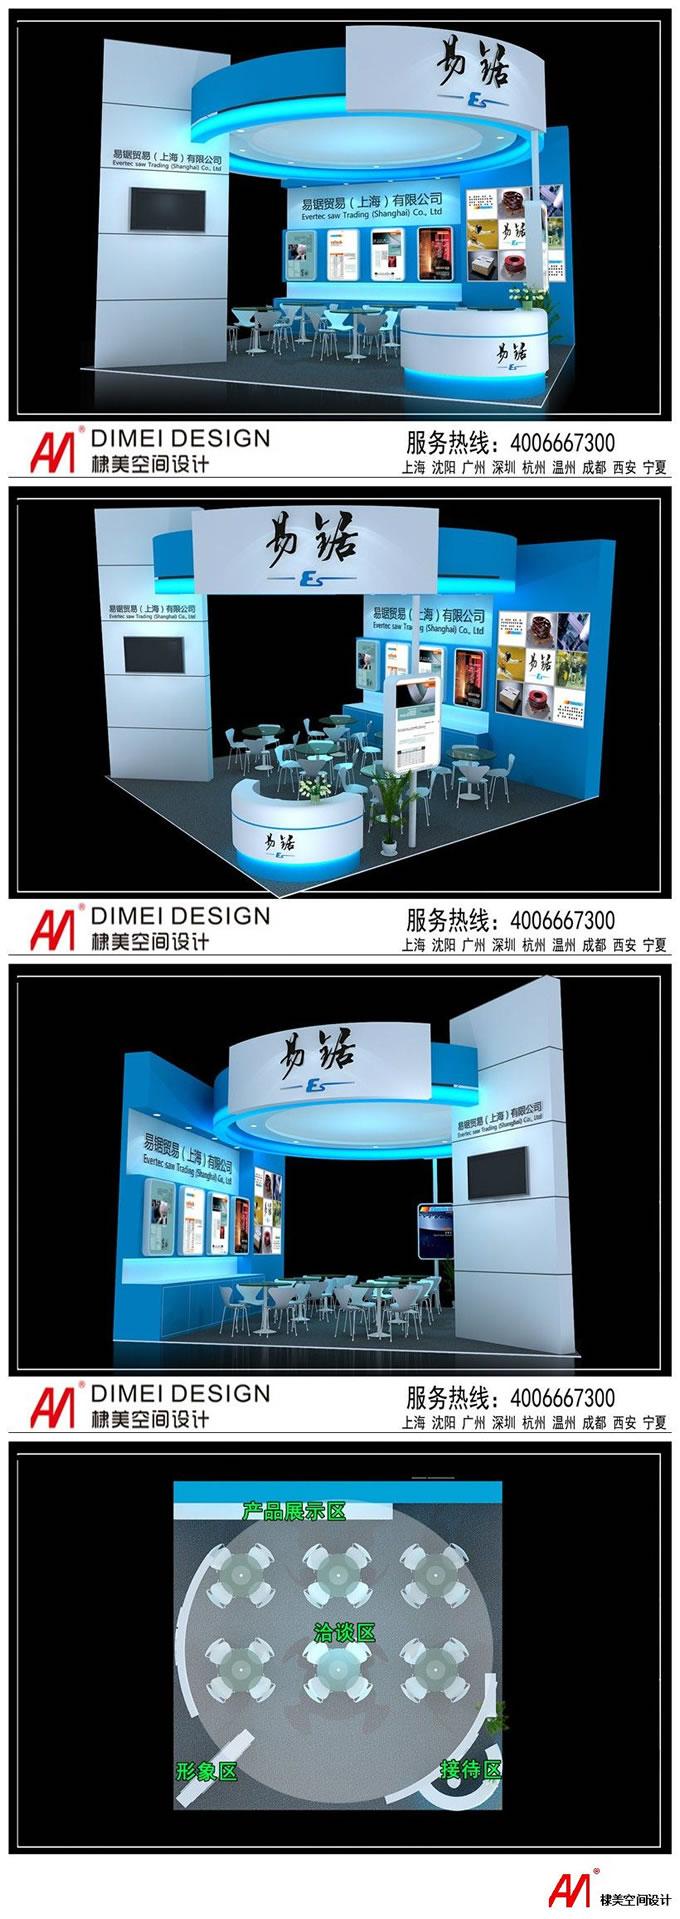 易锯贸易工业博览会展台设计案例2